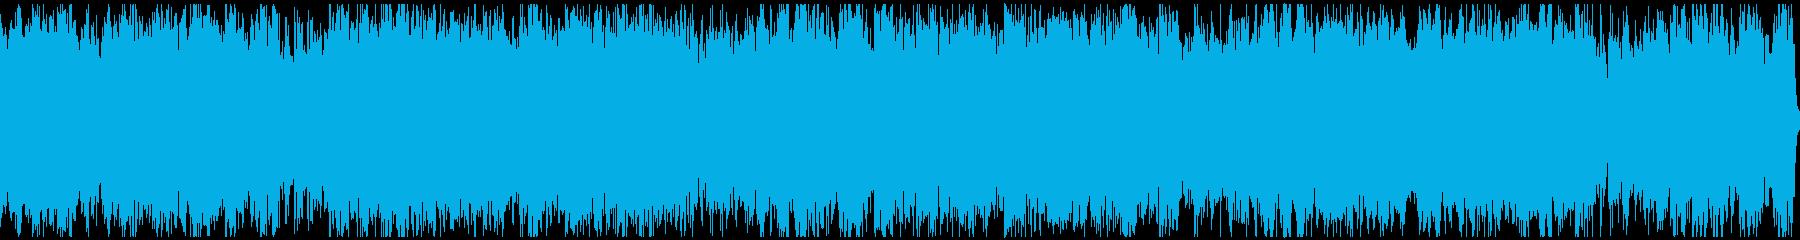 キラキラ輝く未来を描くBGM。の再生済みの波形